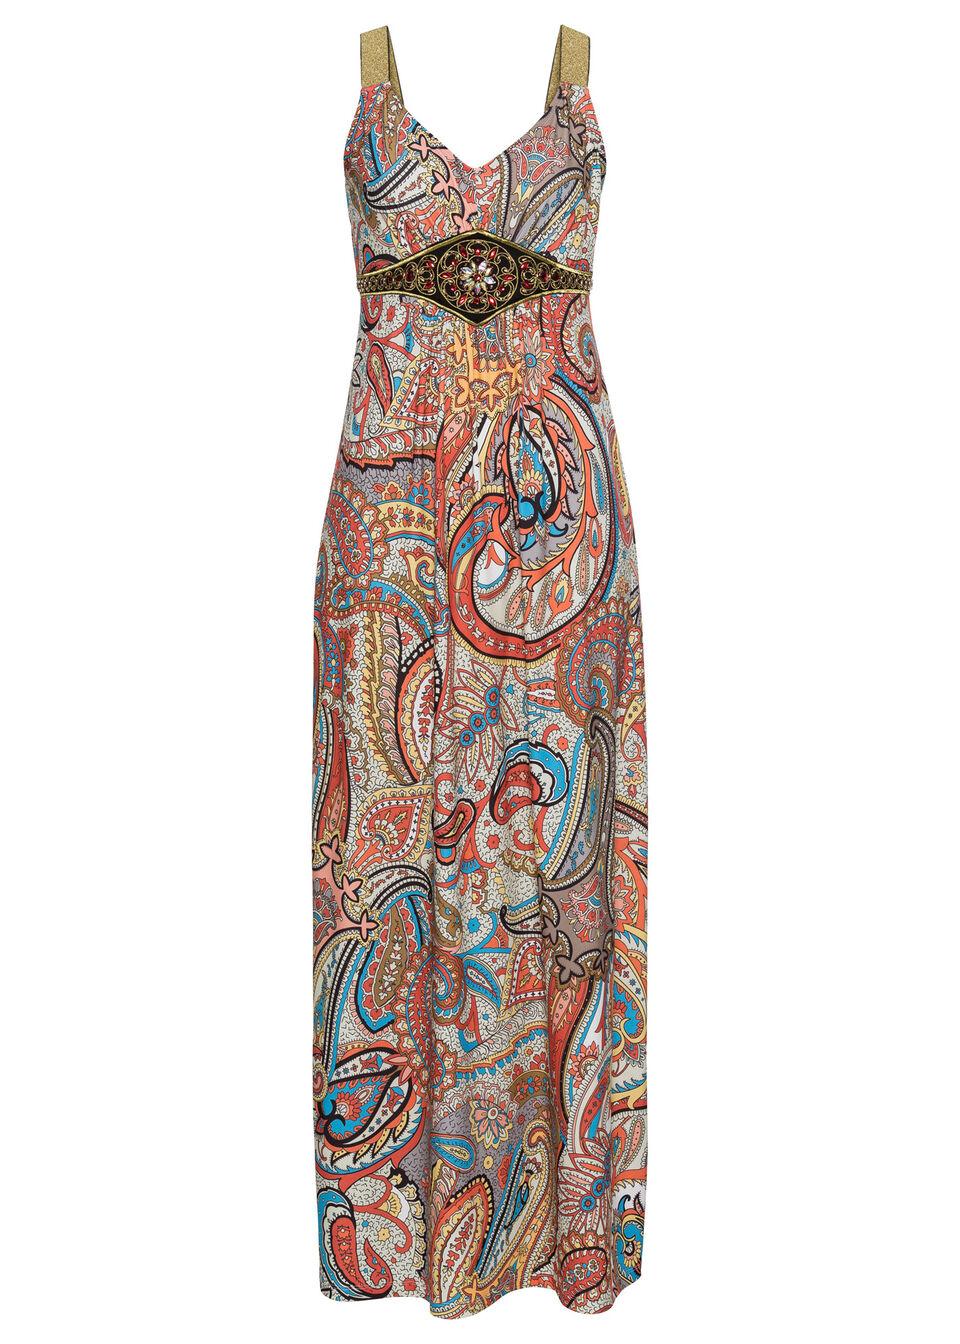 Купить Летнее платье с принтом и аппликациями, bonprix, желтый-розовый с рисунком